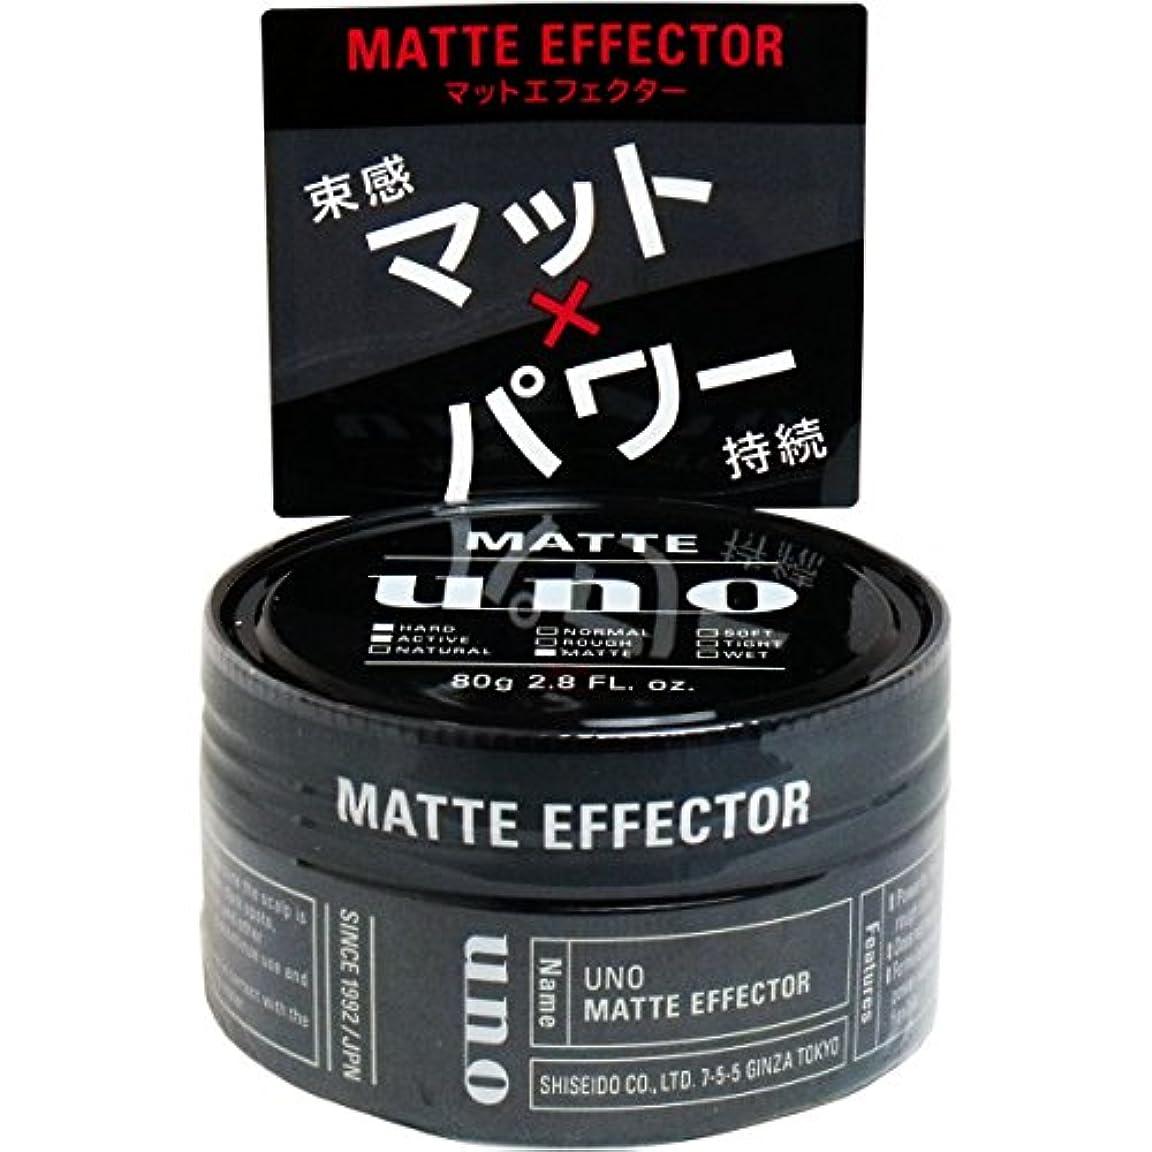 ガード有効薬剤師ウーノ マットエフェクター 80g ワックス×3